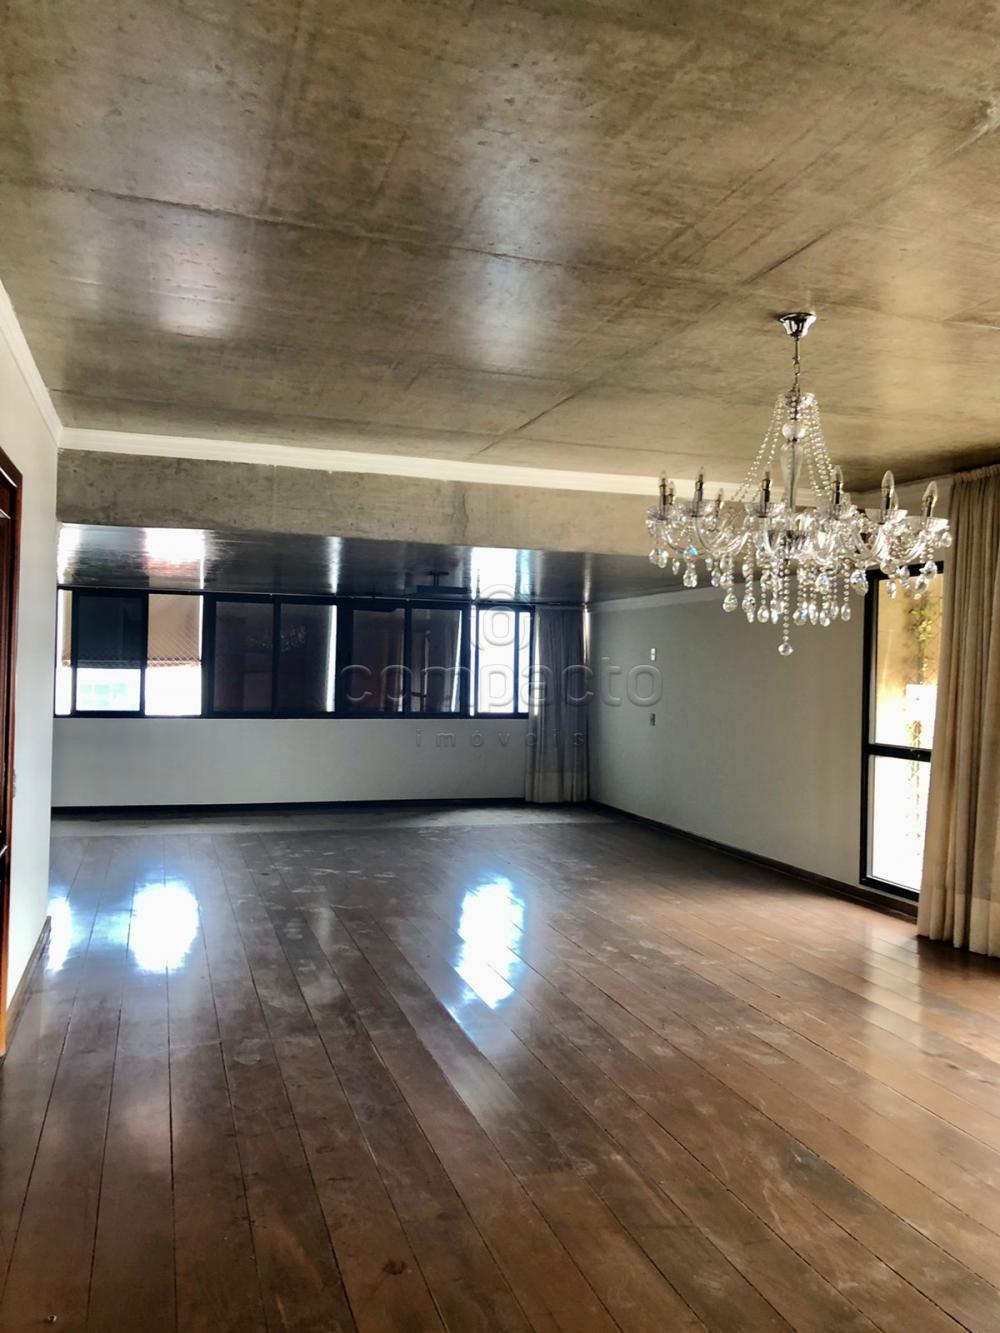 Alugar Apartamento / Padrão em São José do Rio Preto R$ 2.500,00 - Foto 4